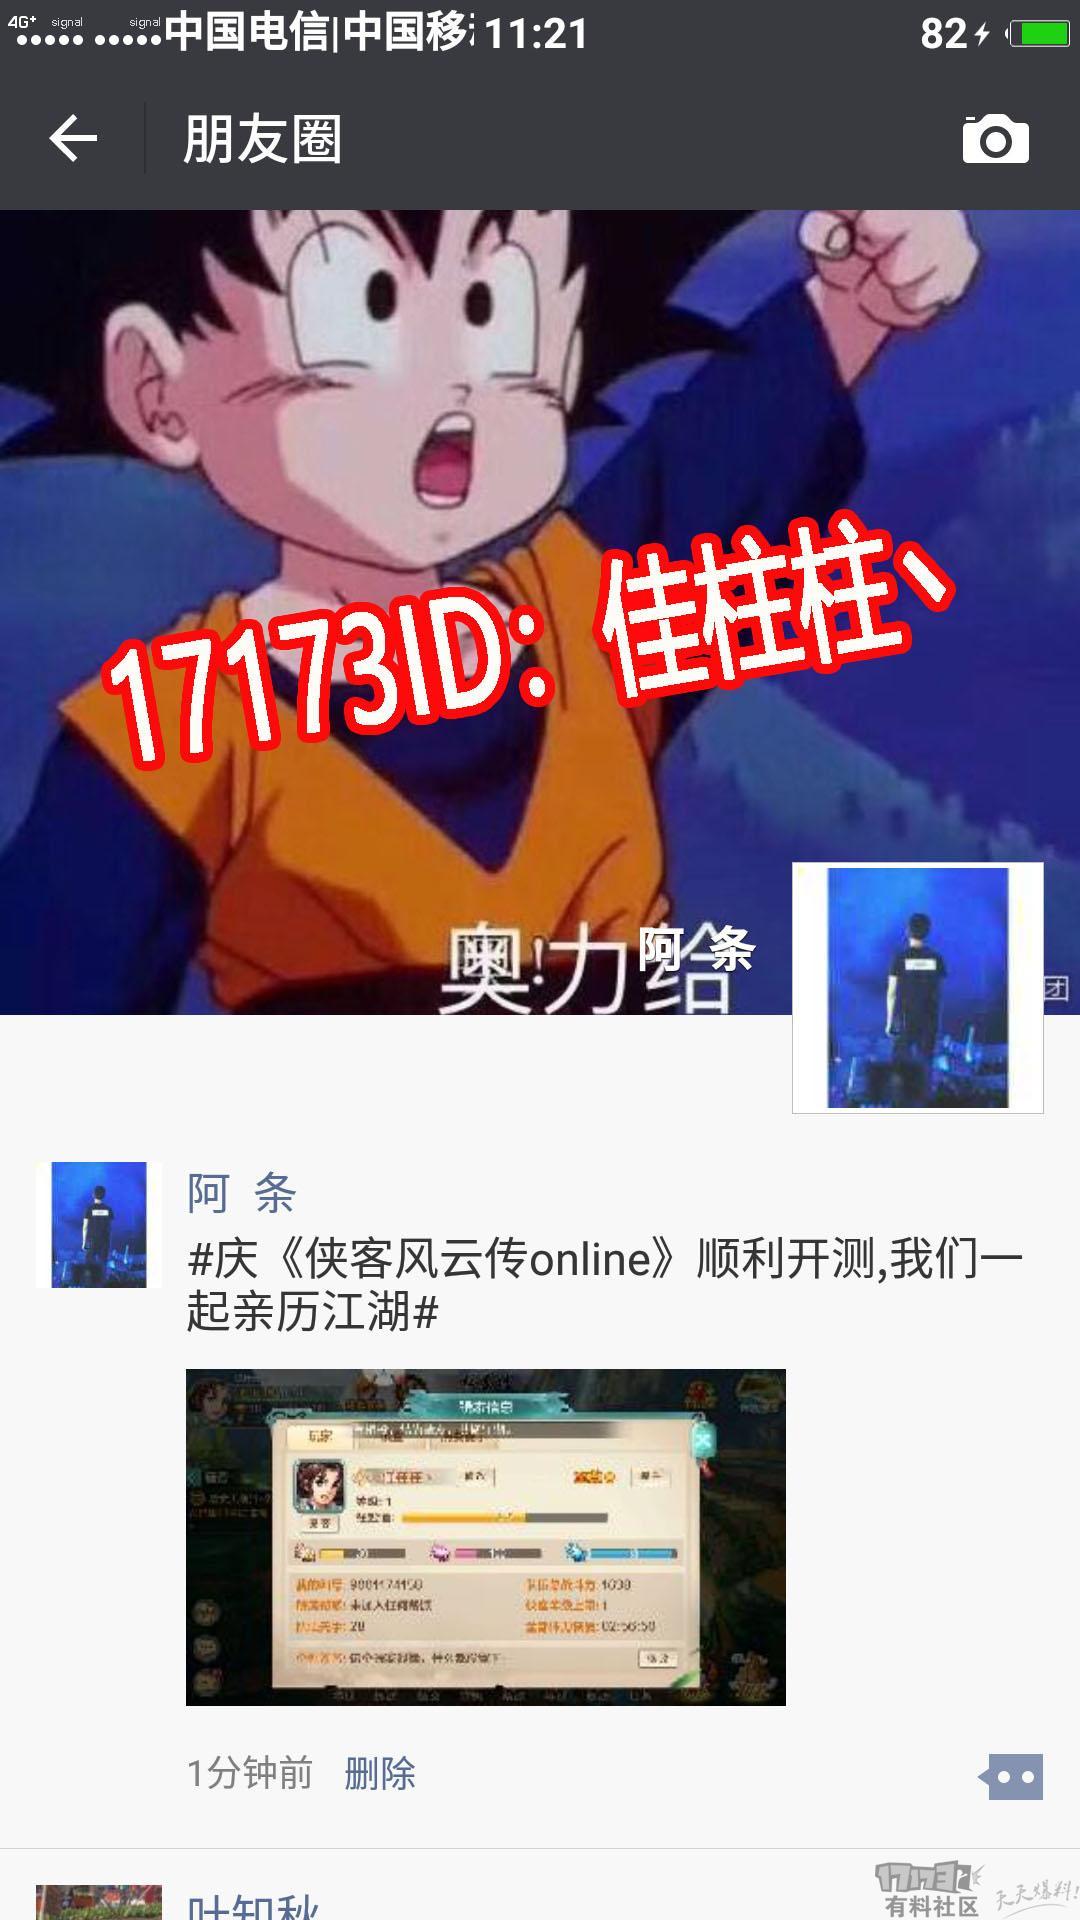 17173侠客2.jpg